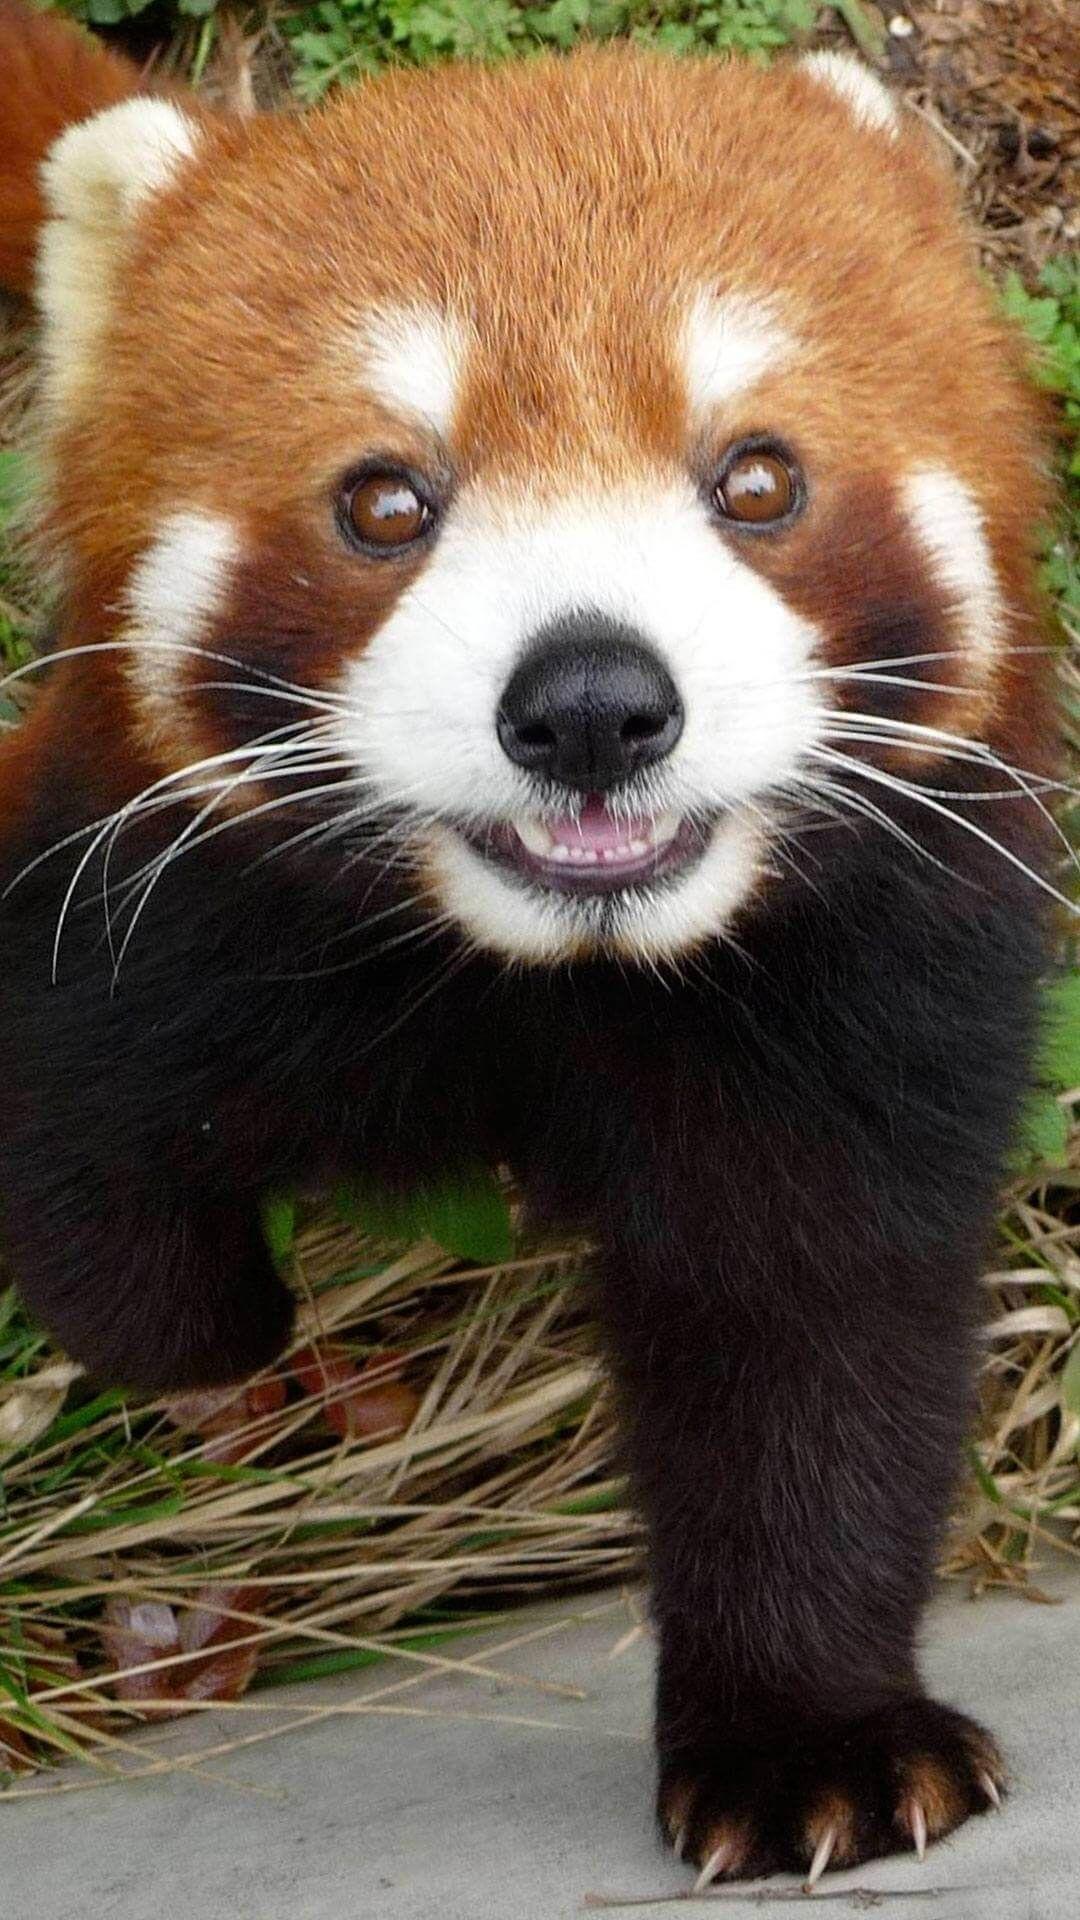 Cute Red Panda Wallpaper iPhone HD | Animal Wallpaper for ...